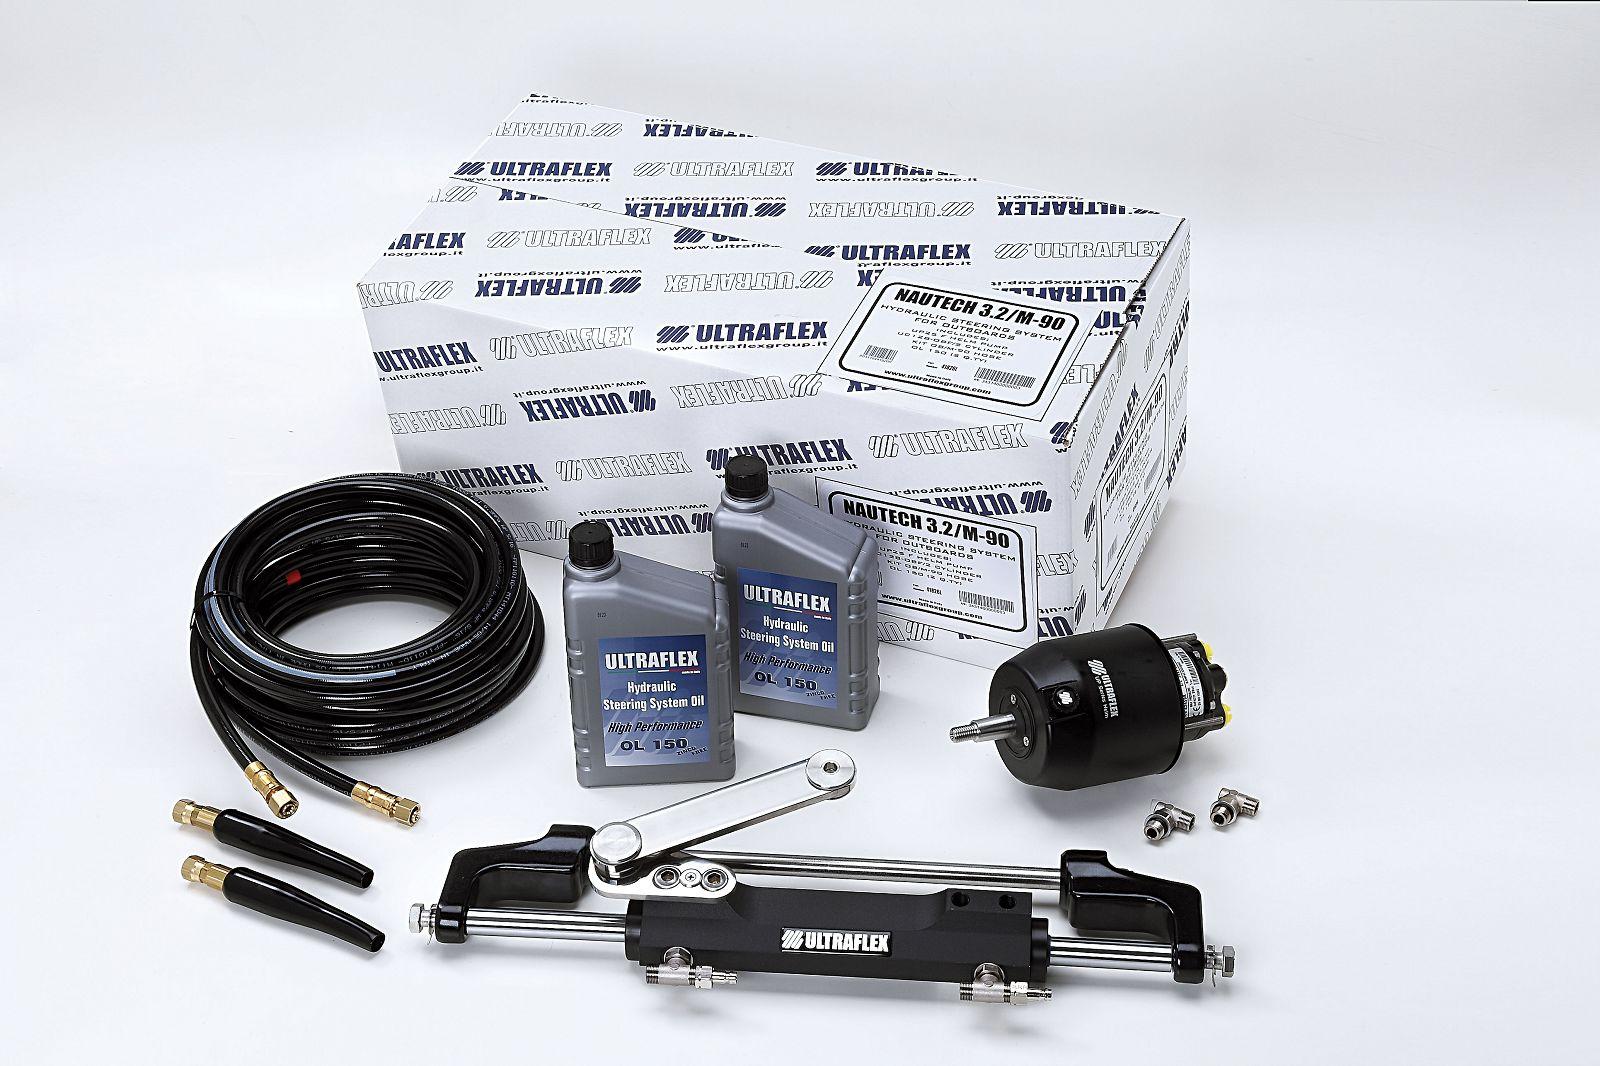 NAUTEC 3.1-00 UP25F/UC128-OBF/1 - Ultraflex